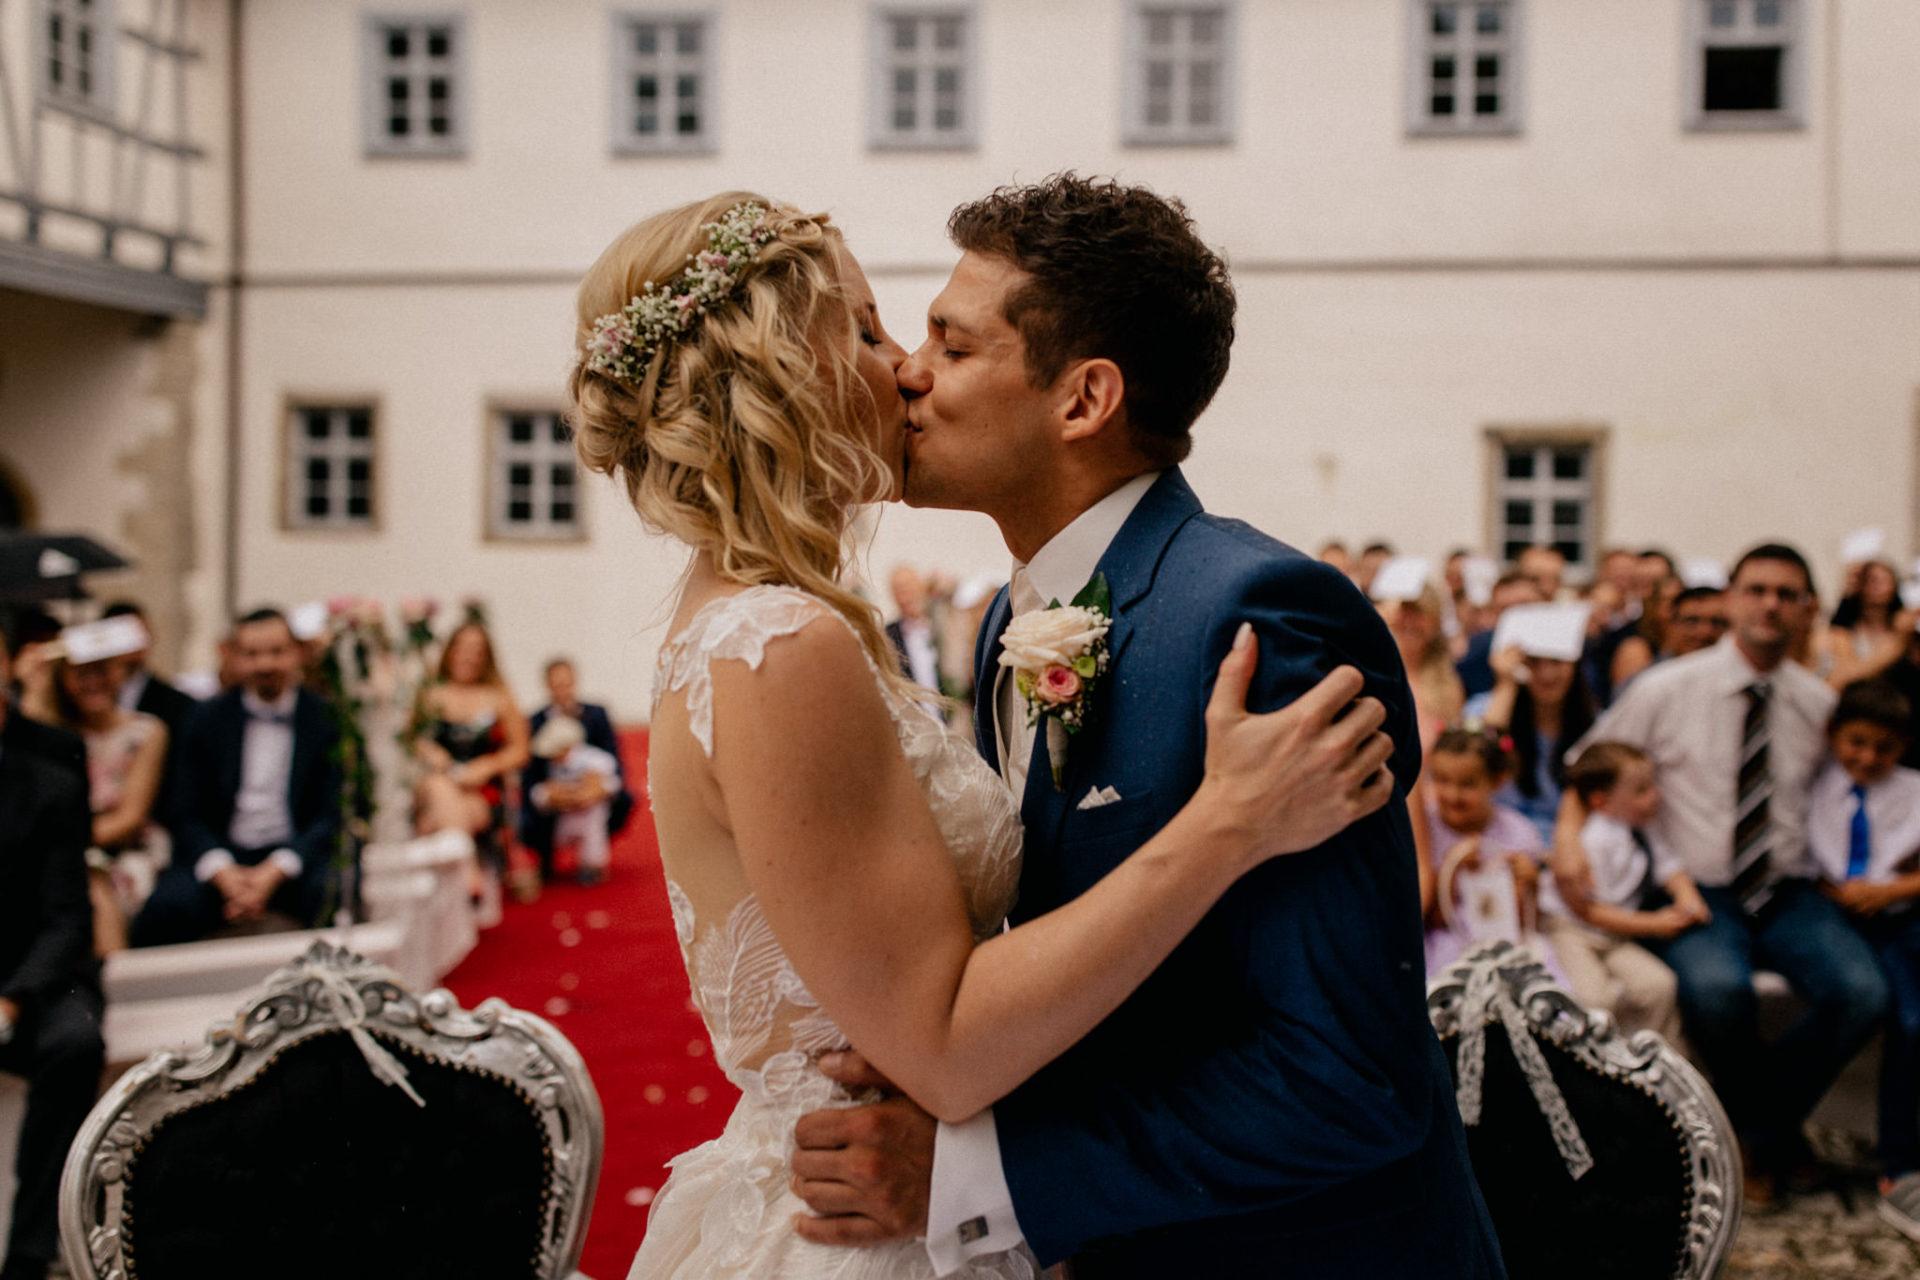 Hochzeitsfotograf Crailsheim-Wasserschloss Erkenbrechtshausen-Sommerhochzeit-Afghanisch-Deutsch heiraten-freie Trauung